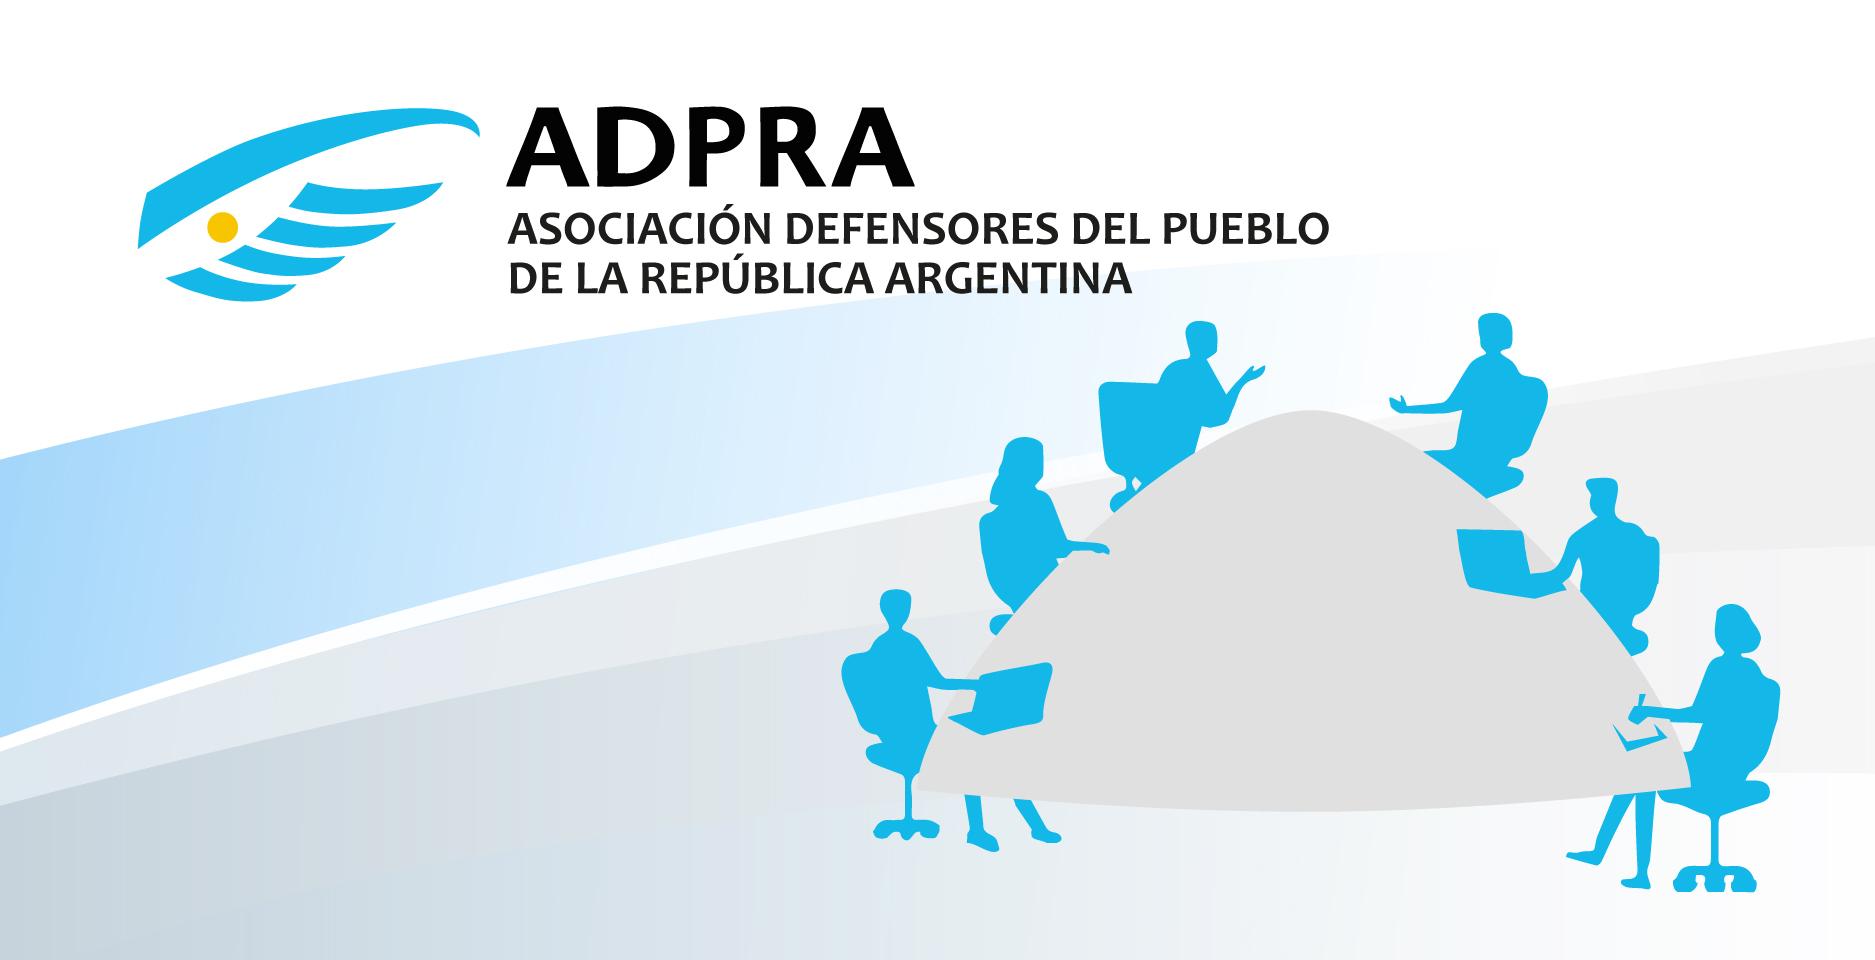 Multiplicidad de temas se trataron en el Plenario Anual de defensores y defensoras del pueblo del país